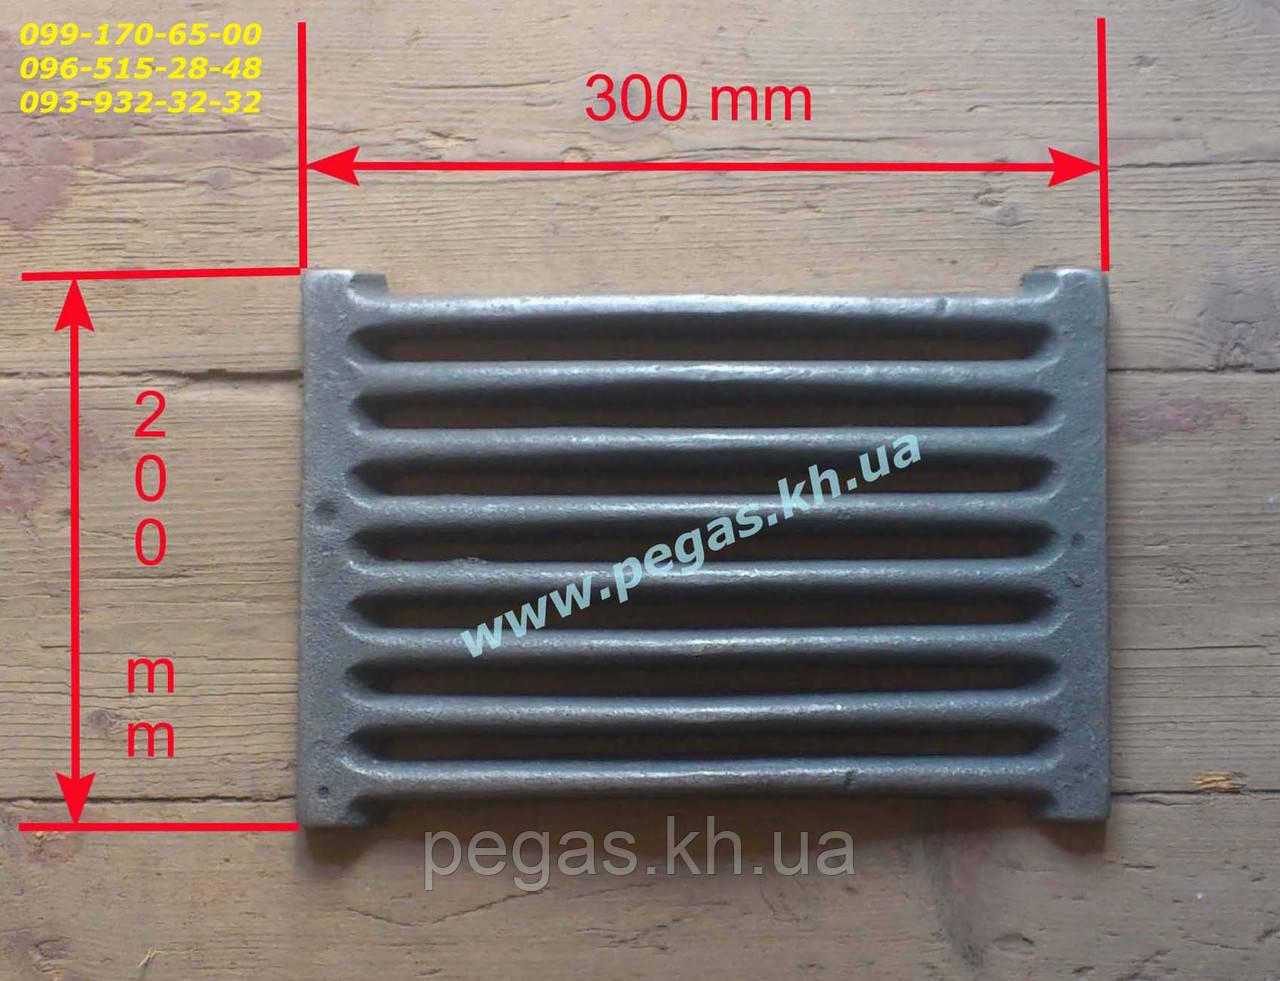 Колосник усиленный чугунное литье (200х300 мм) печи, грубу, барбекю, мангал, котлы